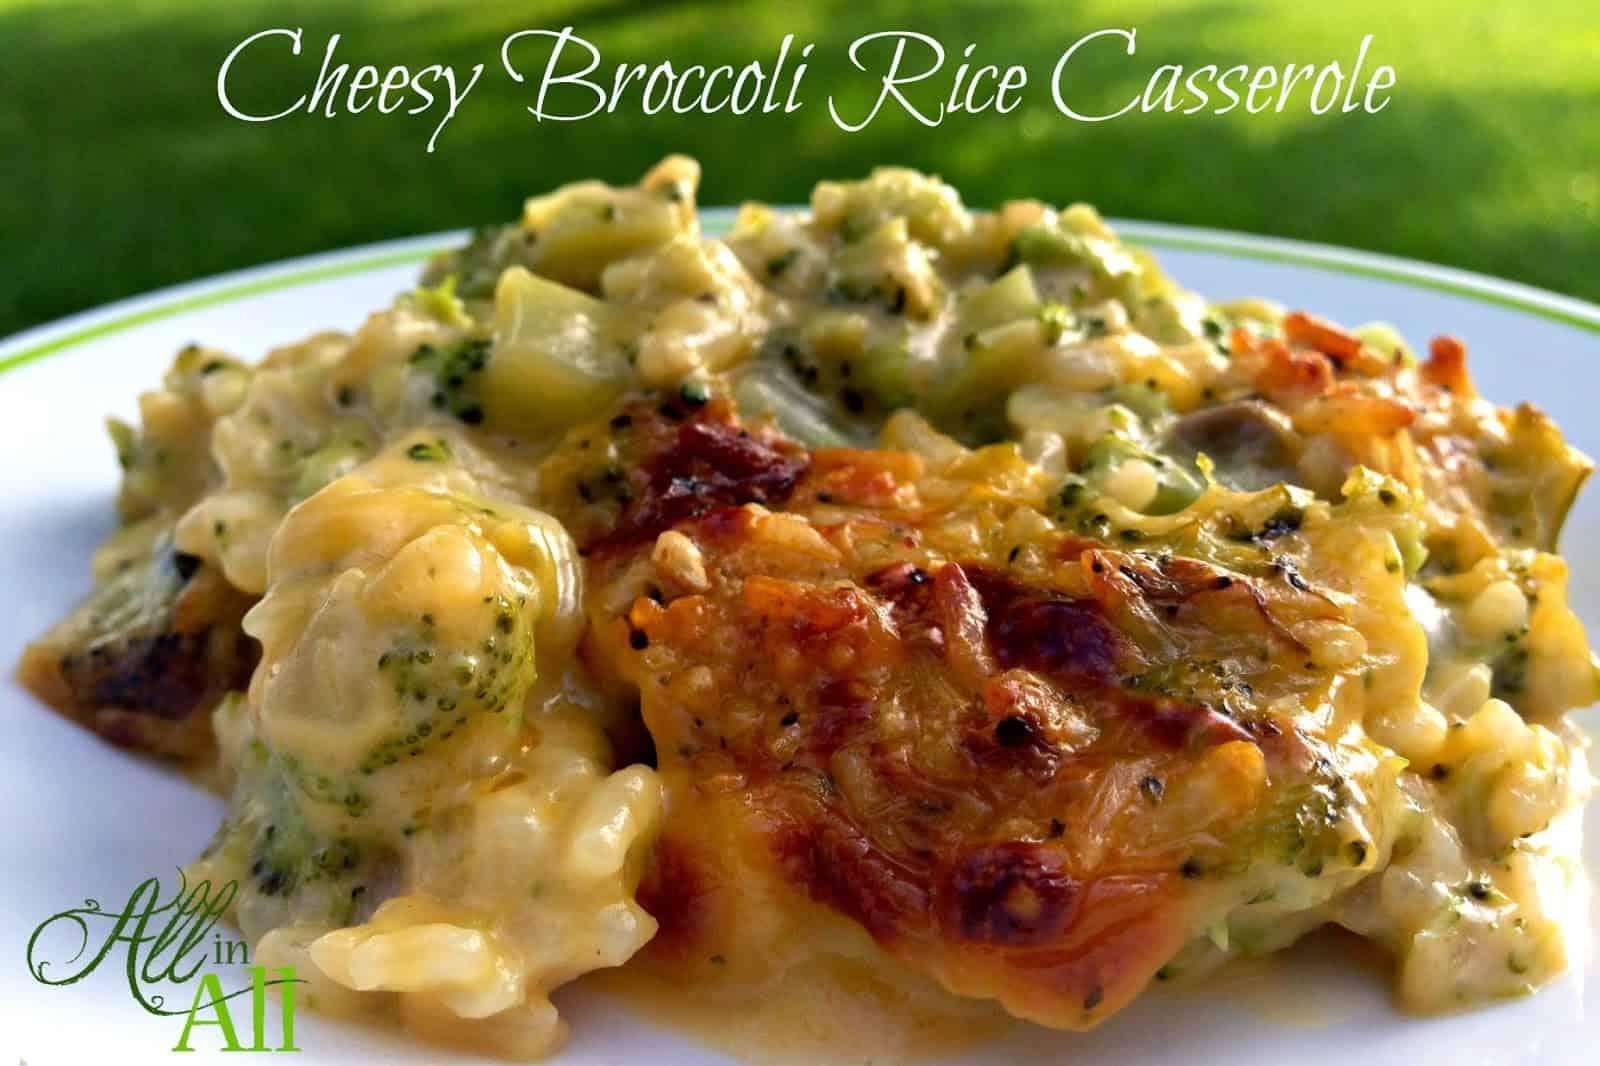 Cheesy broccoli rice casserole all in all for Broccoli casserole with fresh broccoli